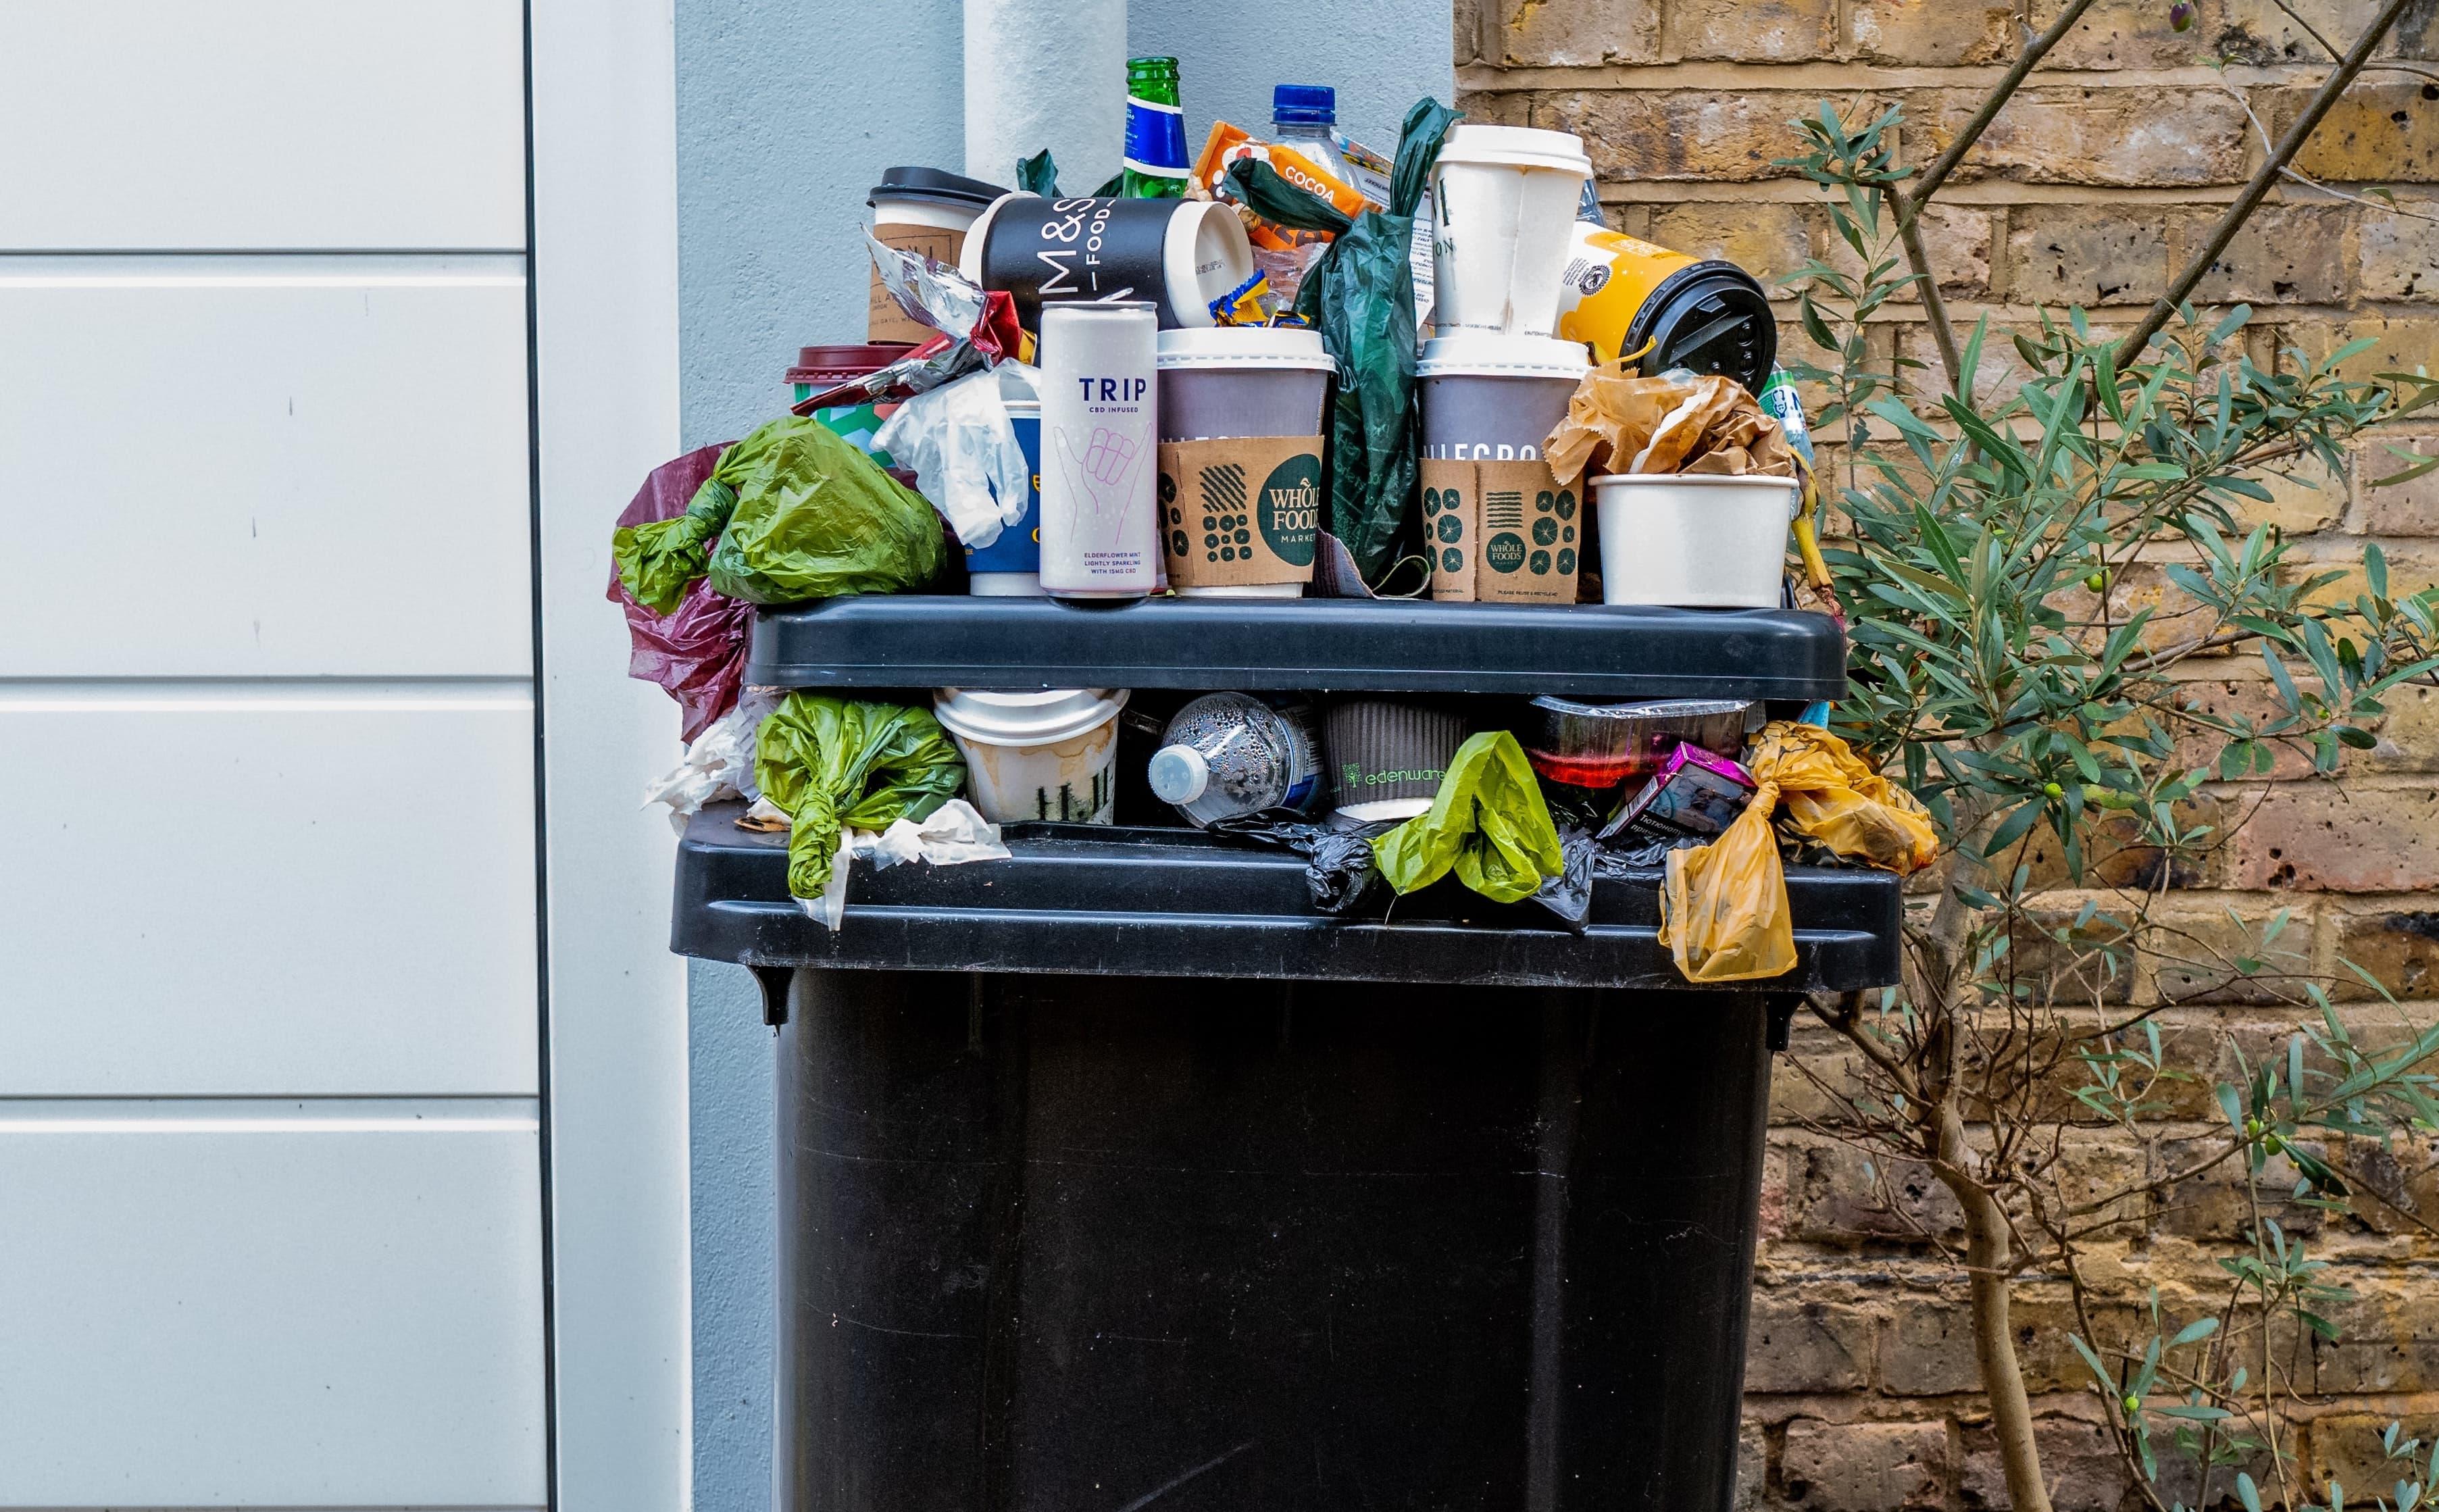 overflowing wheelie bin too much waste